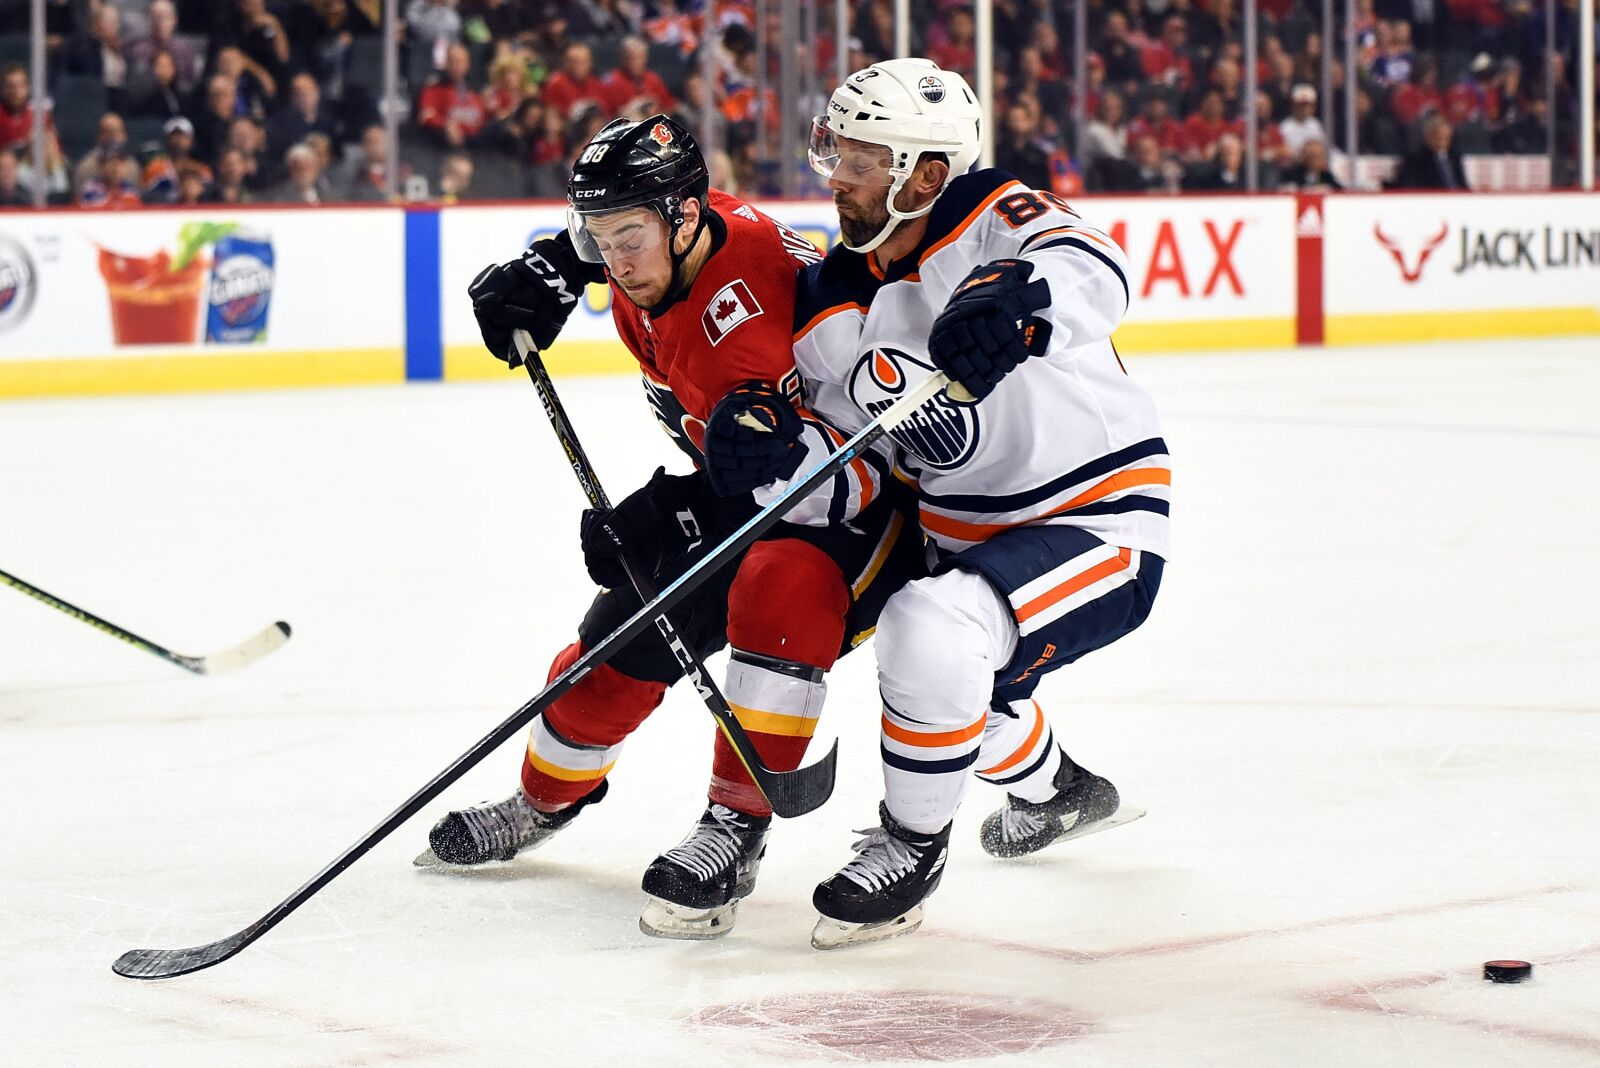 Edmonton Oilers: Sam Gagner will provide boost for bottom-six